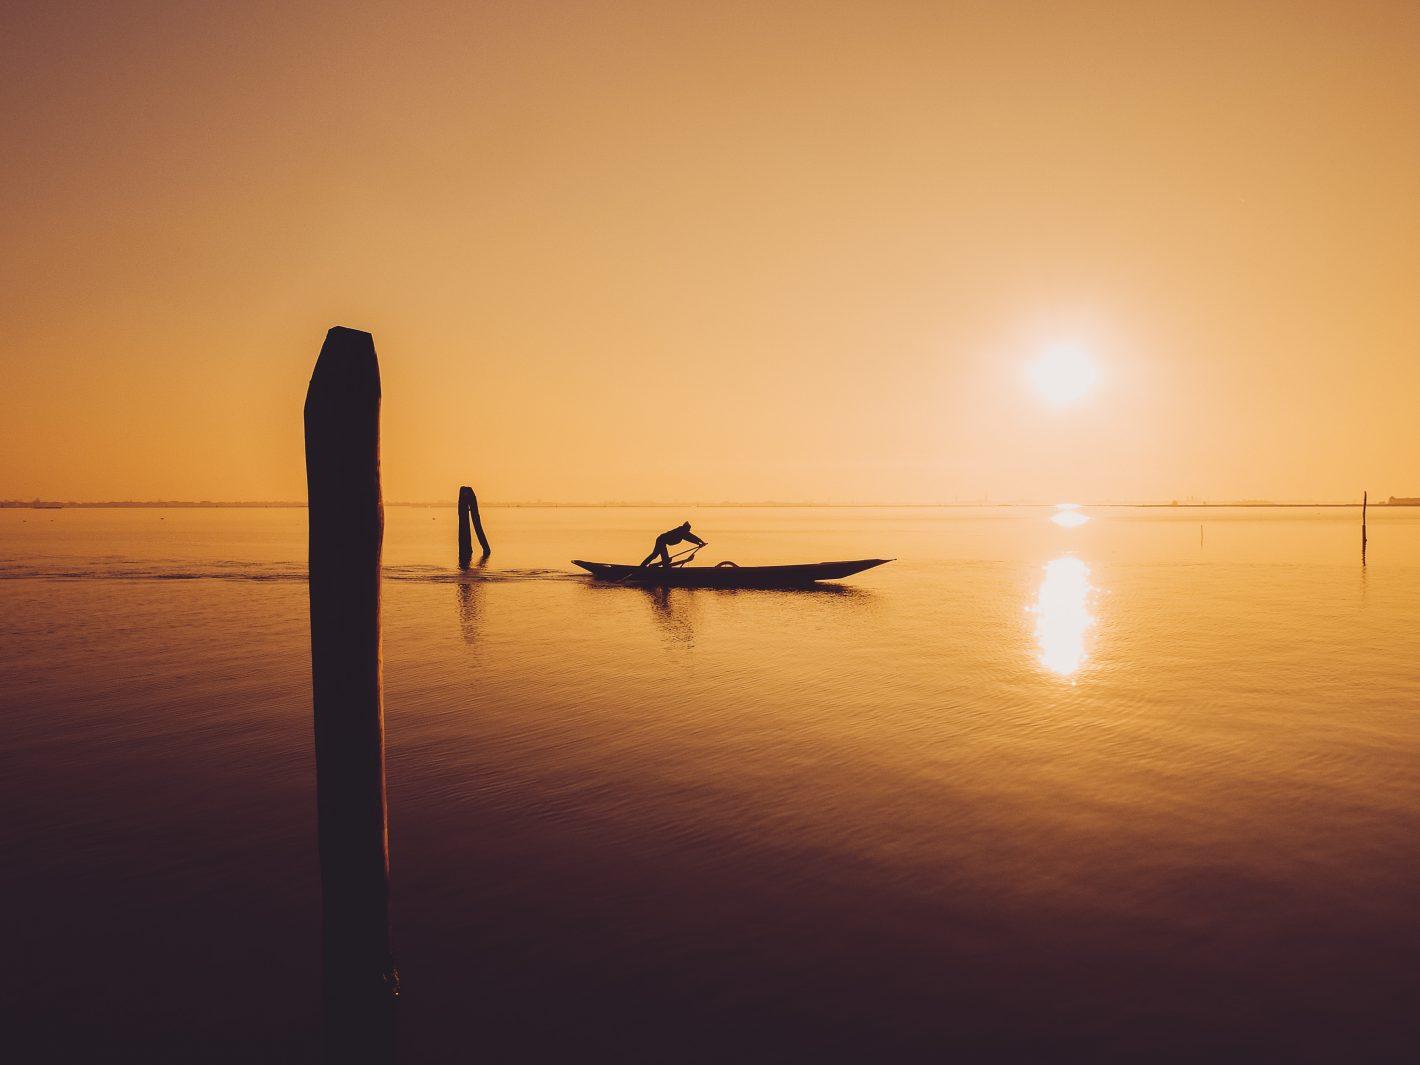 Nikon Voyages En plein coeur de la lagune de Venise. Un moment calme, presque poétique.